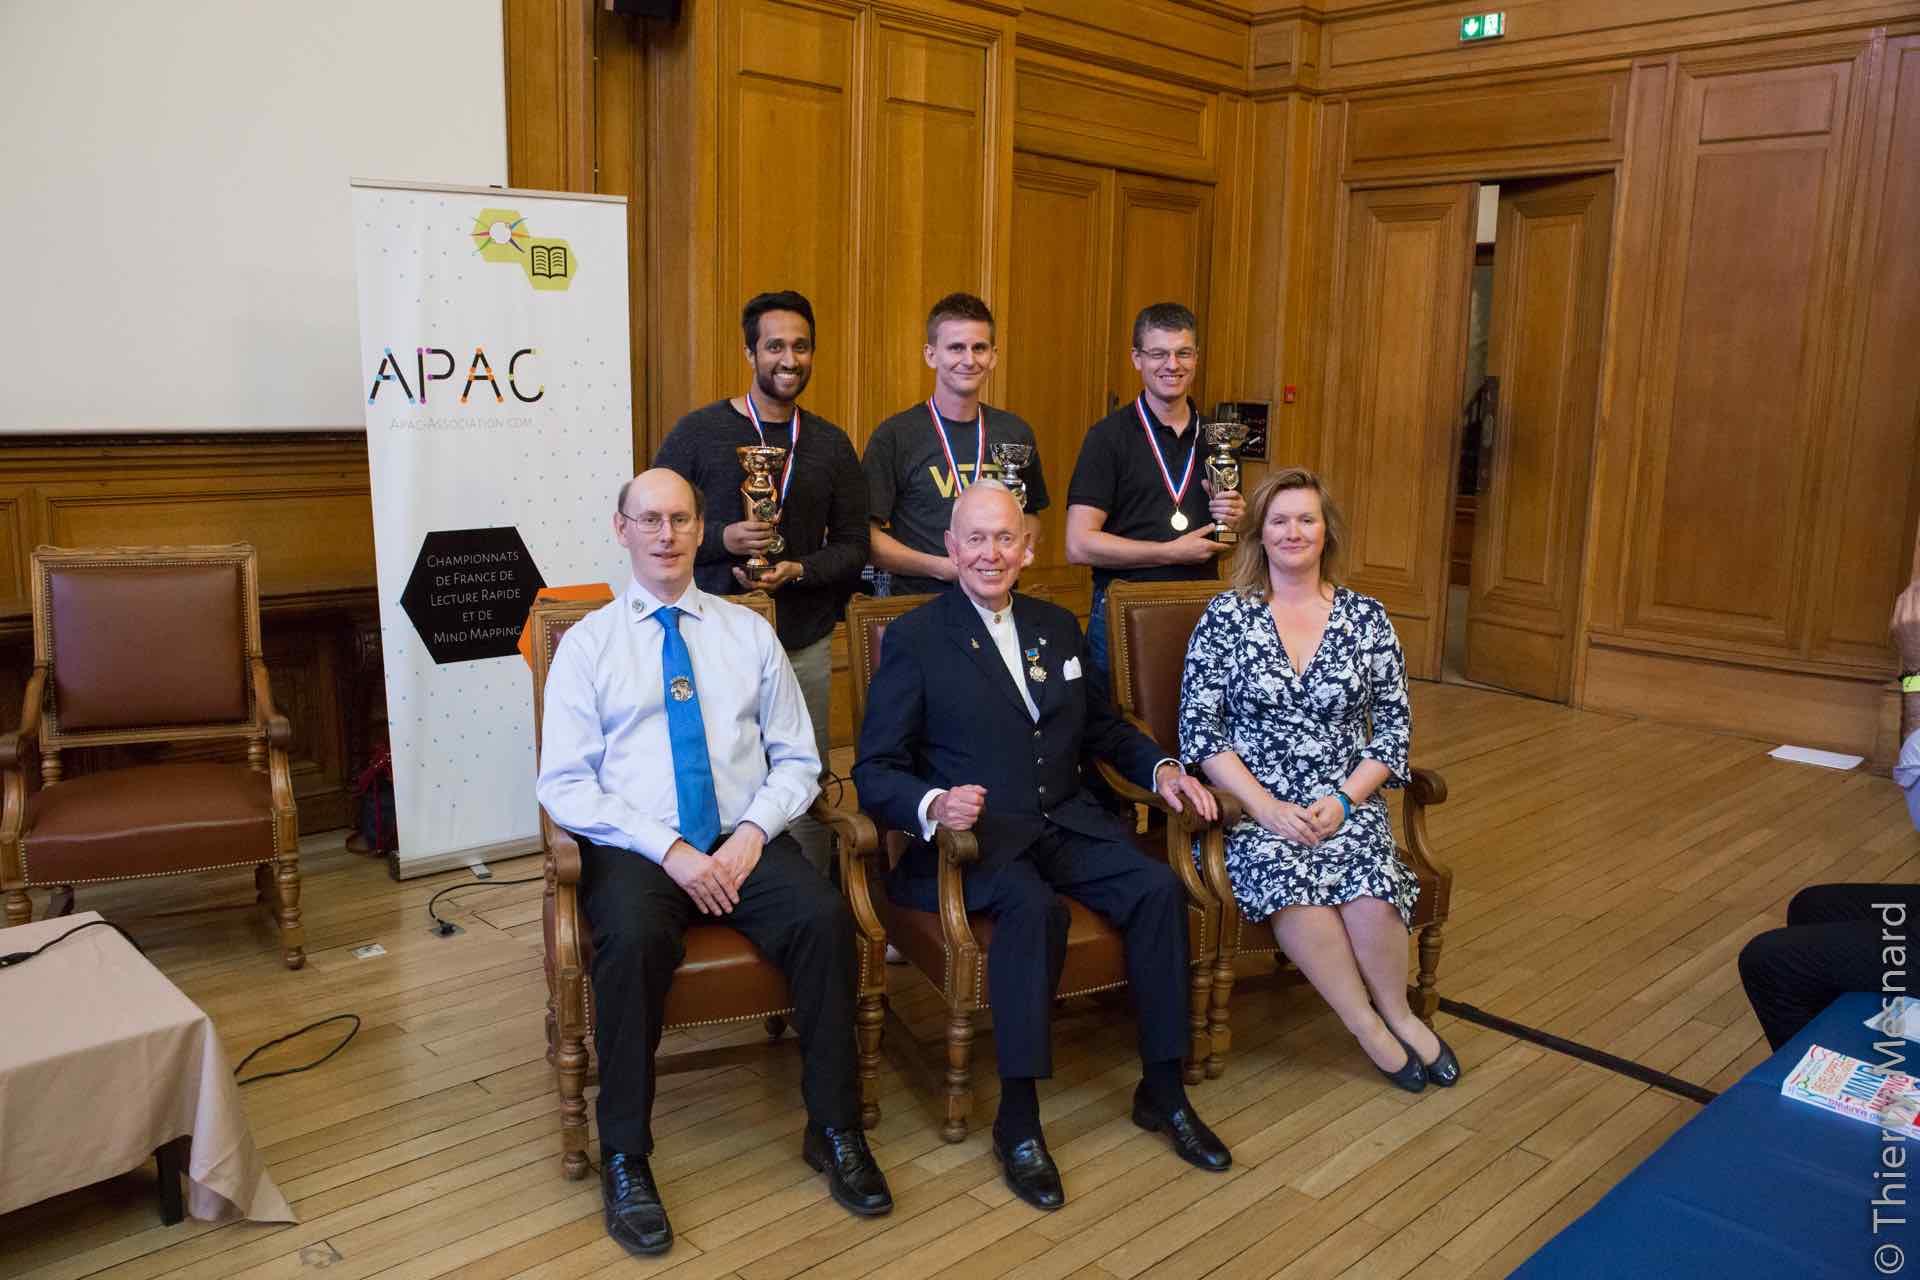 Les 3 gagnants de l'épreuve de mind mapping avec Phil Chambers, Tony Buzan et Elaine Colliar